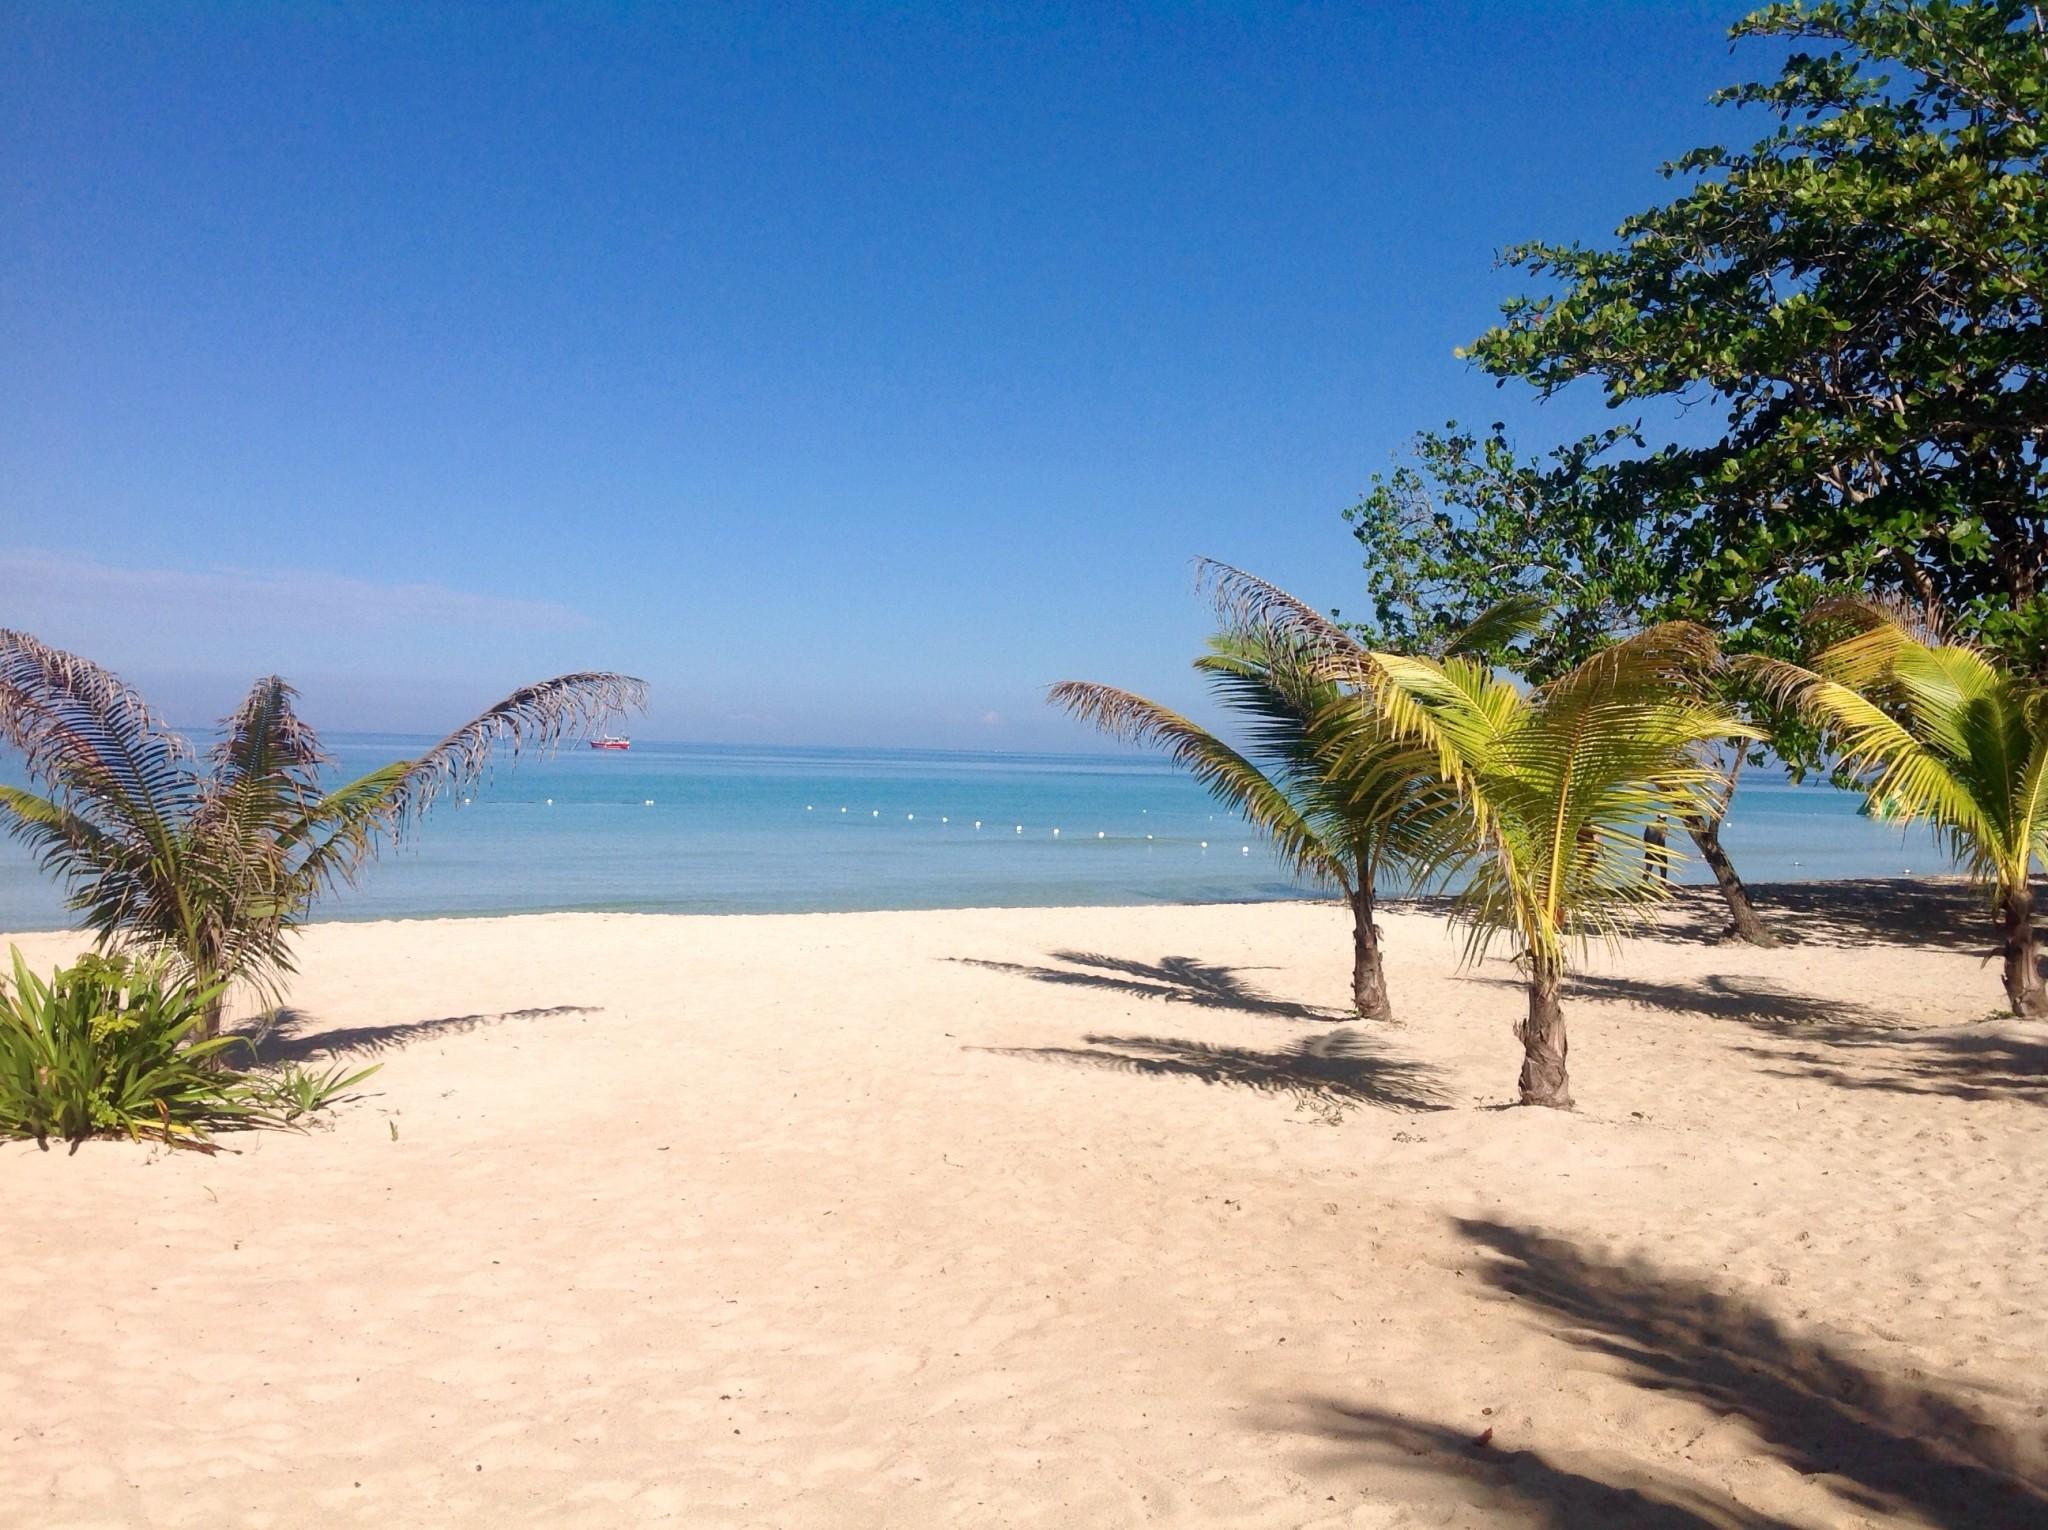 Seven Mile Beach, Jamaikan paras ranta